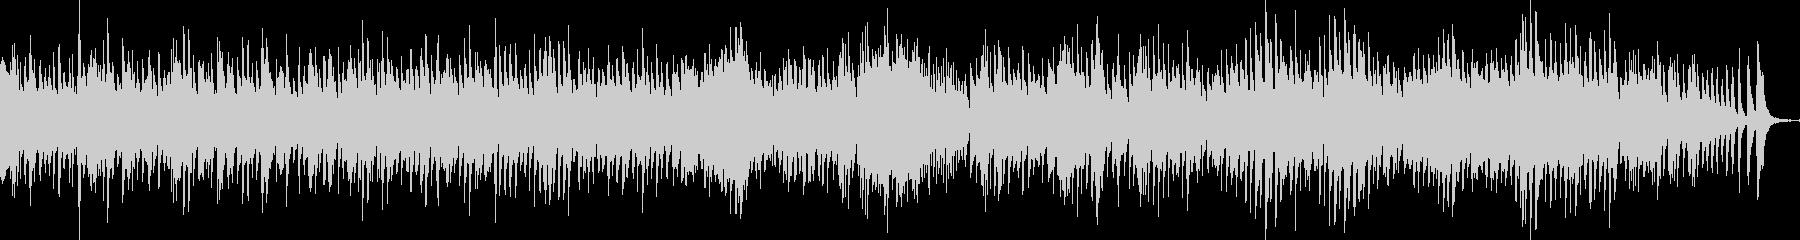 ハープメインの静かな小オーケストラの未再生の波形